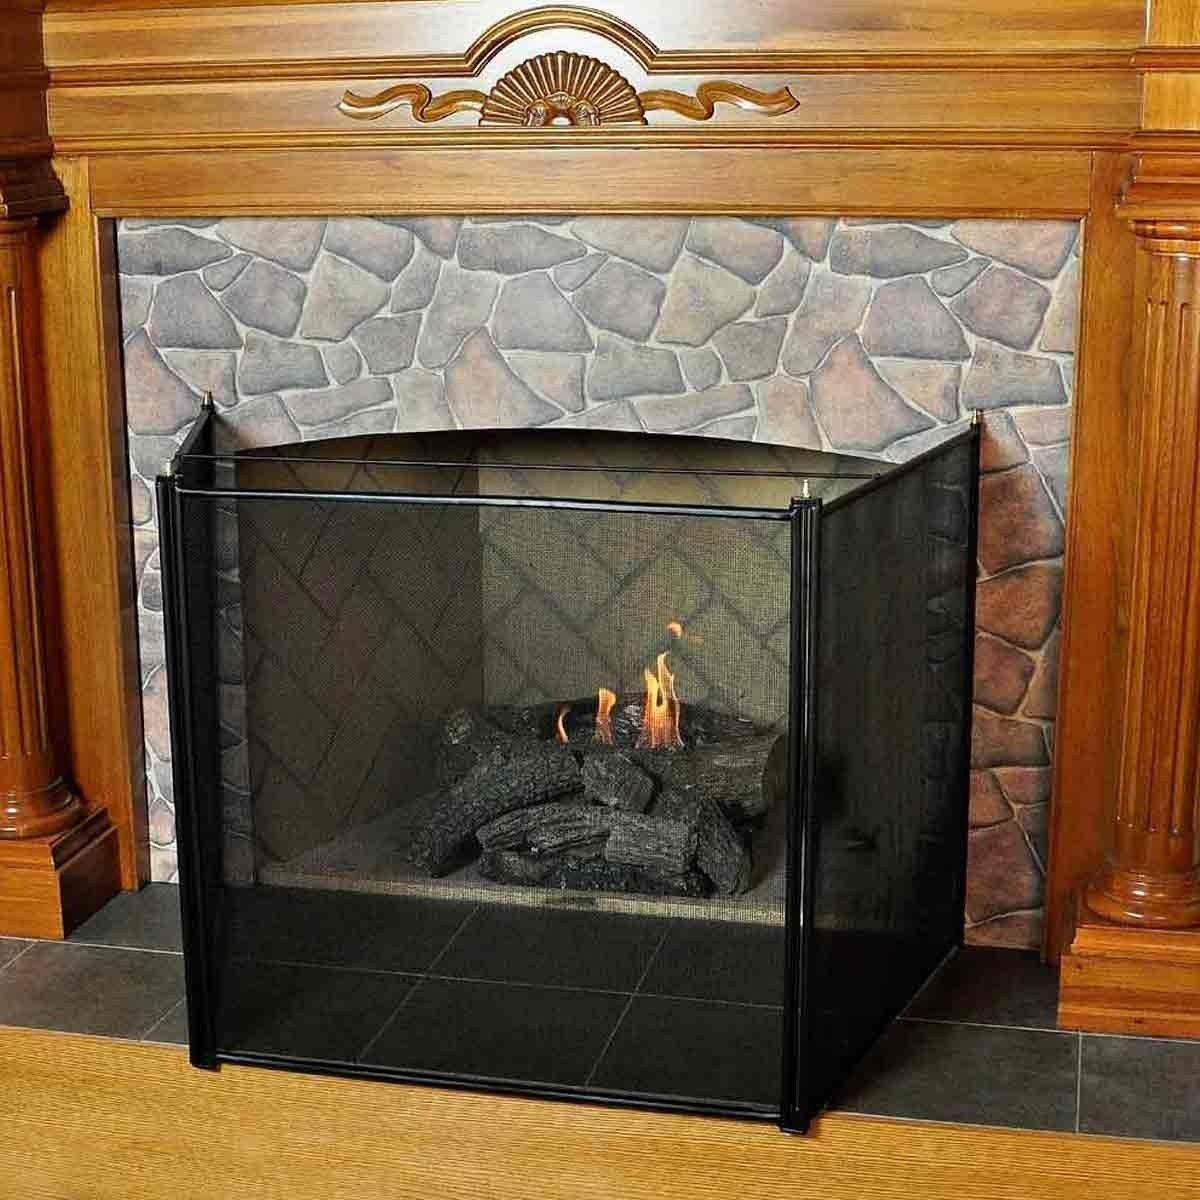 3 Fold Child Guard Fireplace Screen Childproof fireplace